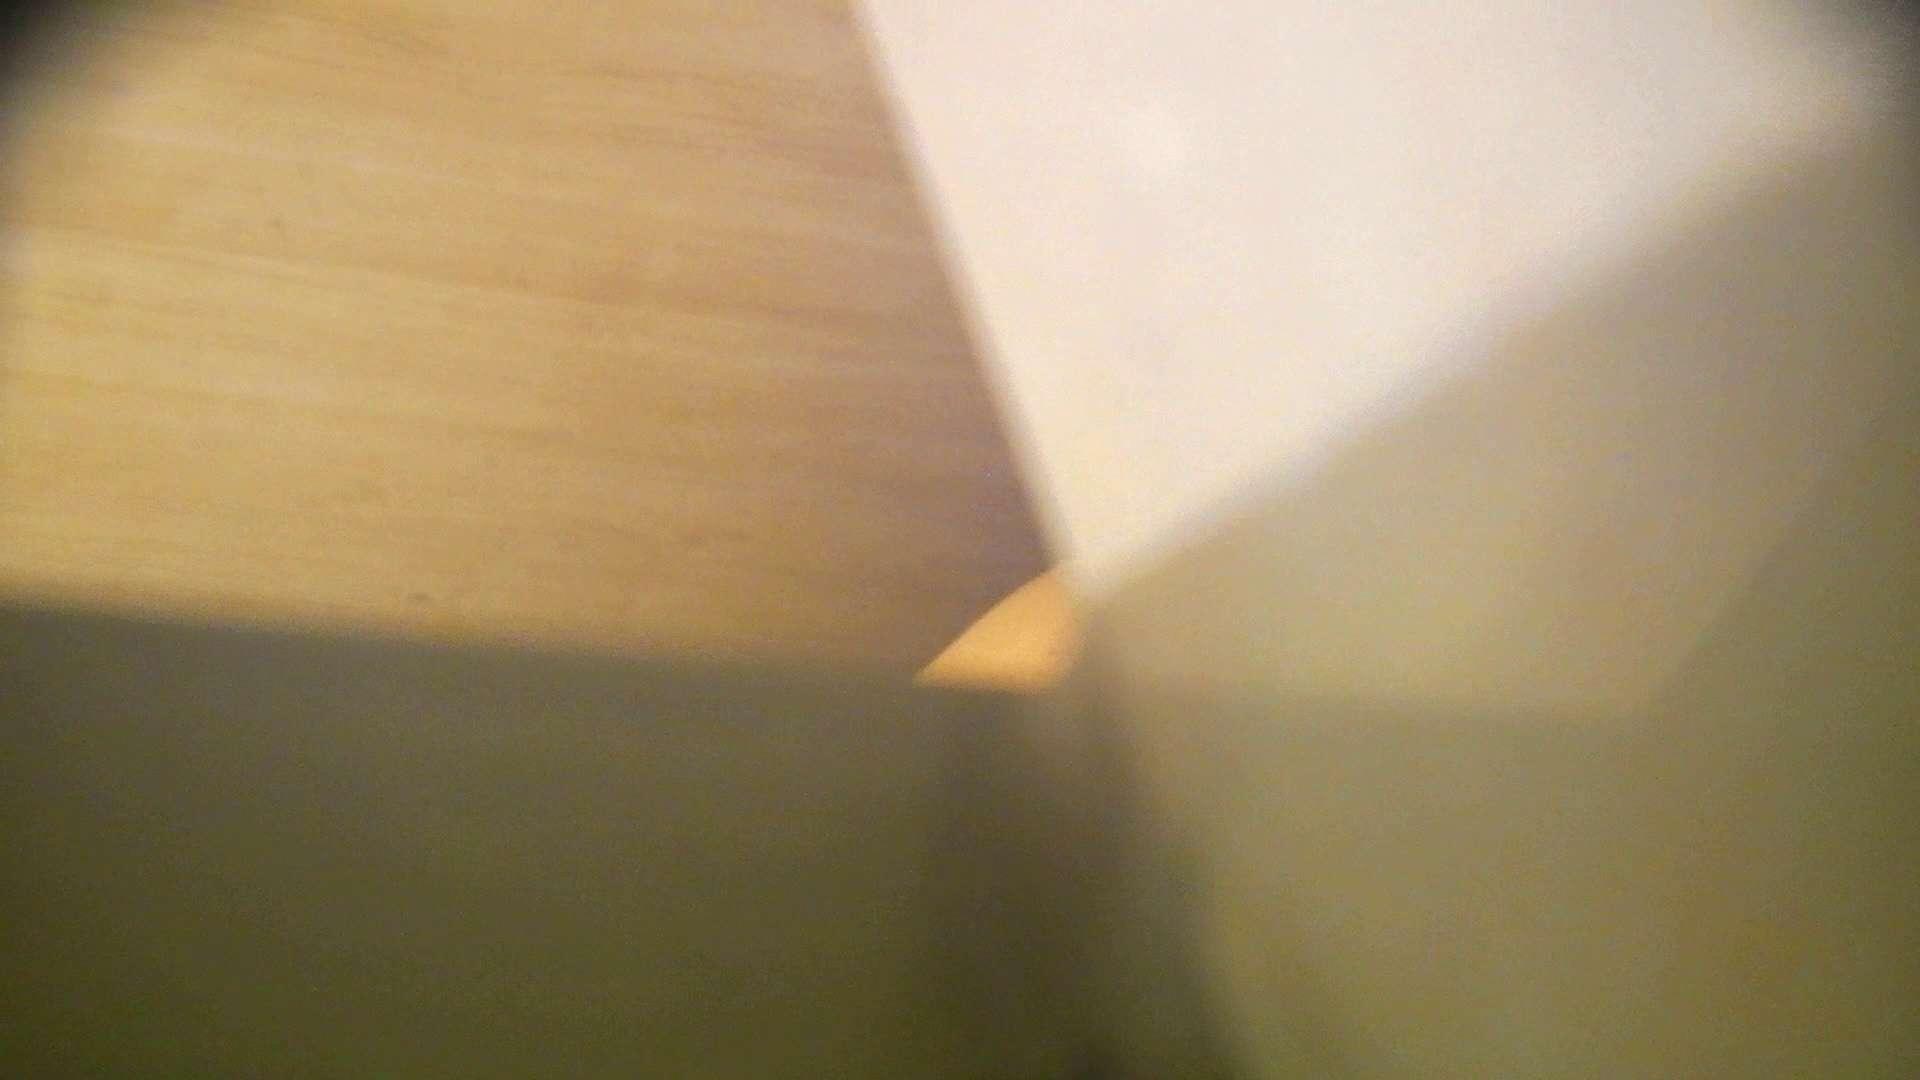 阿国ちゃんの「和式洋式七変化」No.12 洗面所  99画像 48